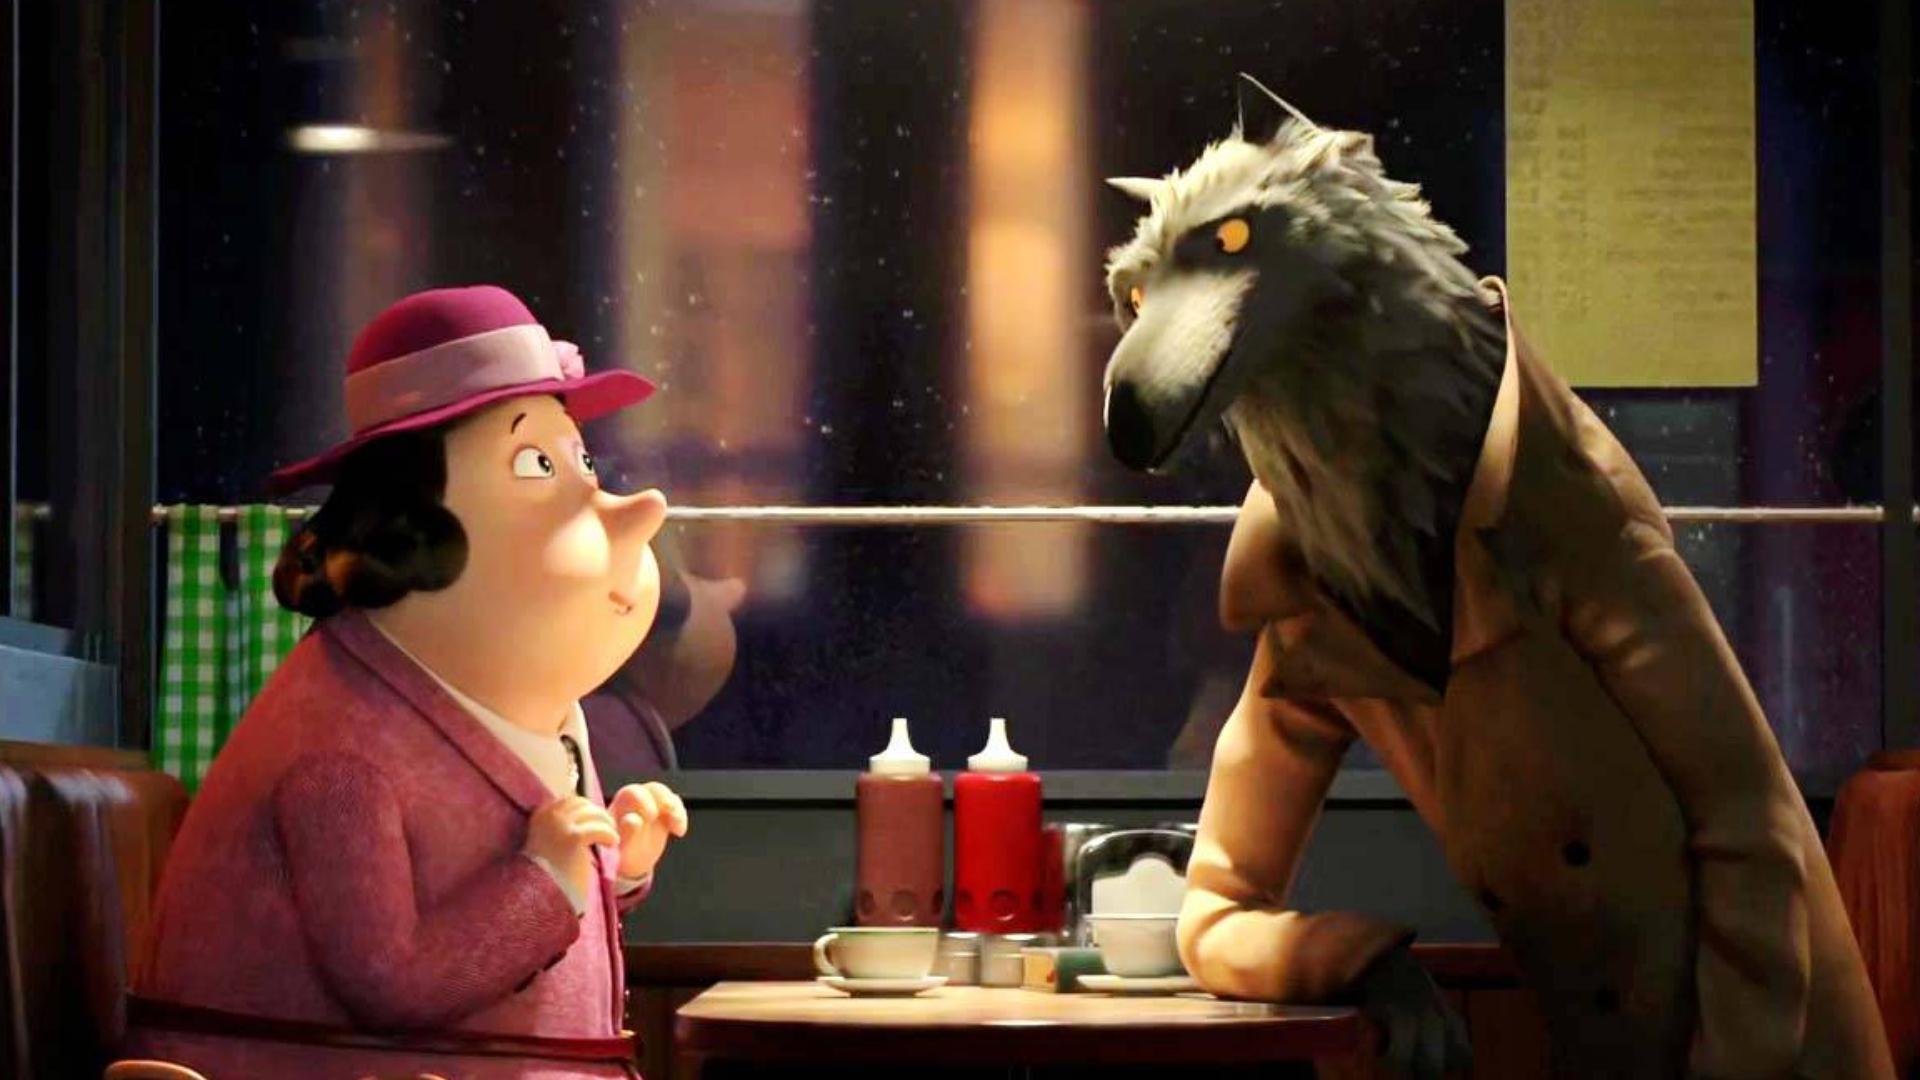 反叛的童谣【奥斯卡最佳动画短片提名】Revolting Rhymes 中英双语 (2016)